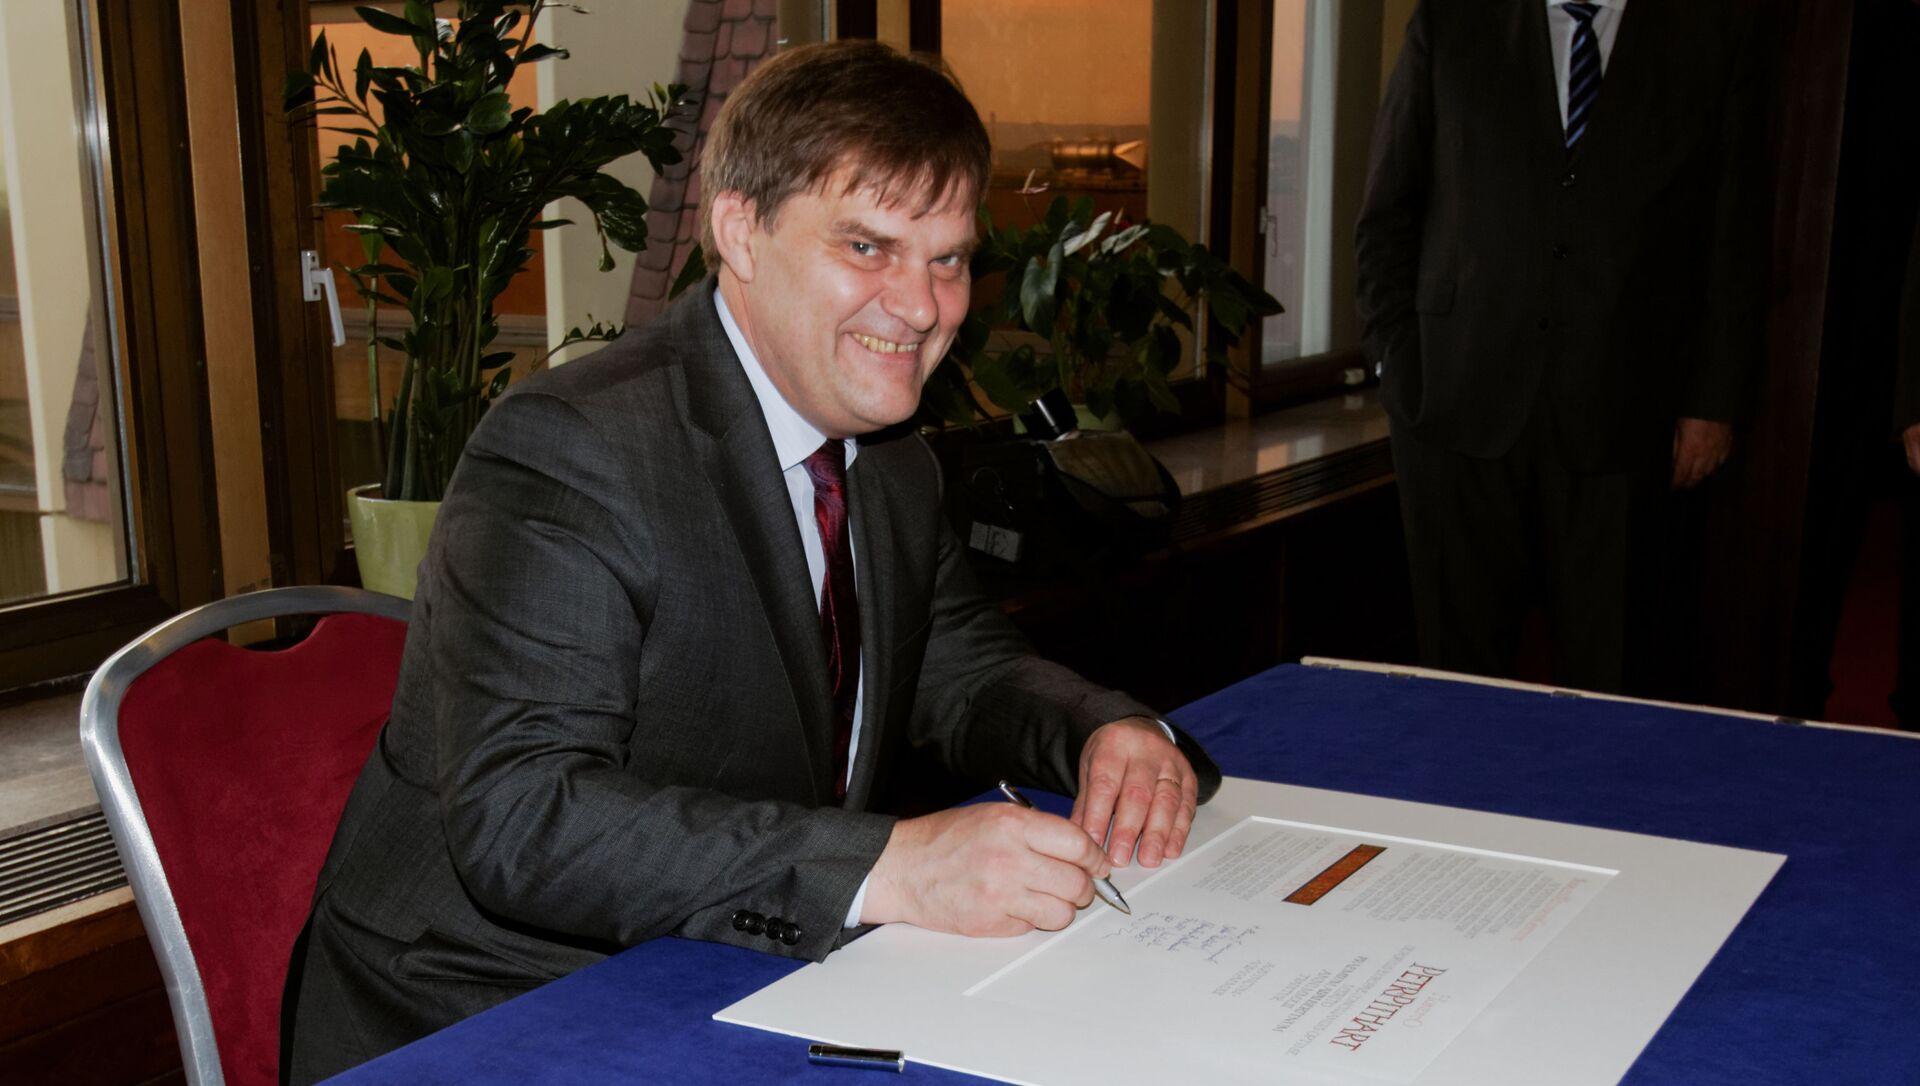 Bývalý velvyslanec v Německu Rudolf Jindrák. Zmocněnec pro konzultace s Ruskem - Sputnik Česká republika, 1920, 18.04.2021